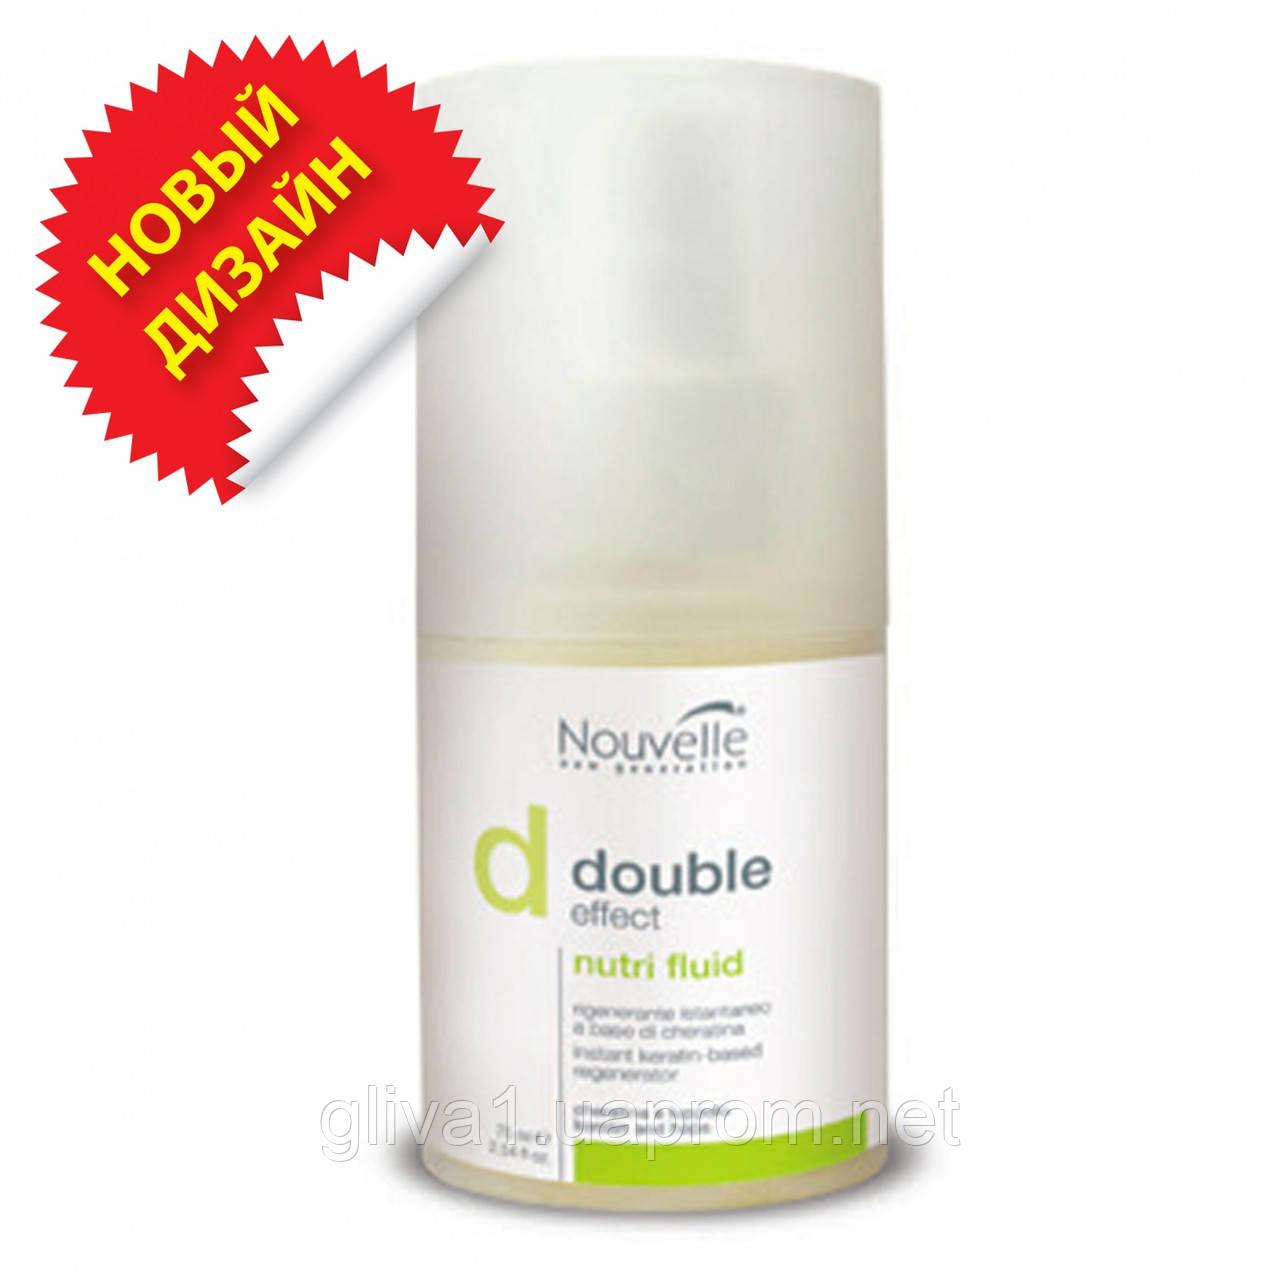 Оживляющее средство для кончиков волос Nouvelle Nutri Fluid